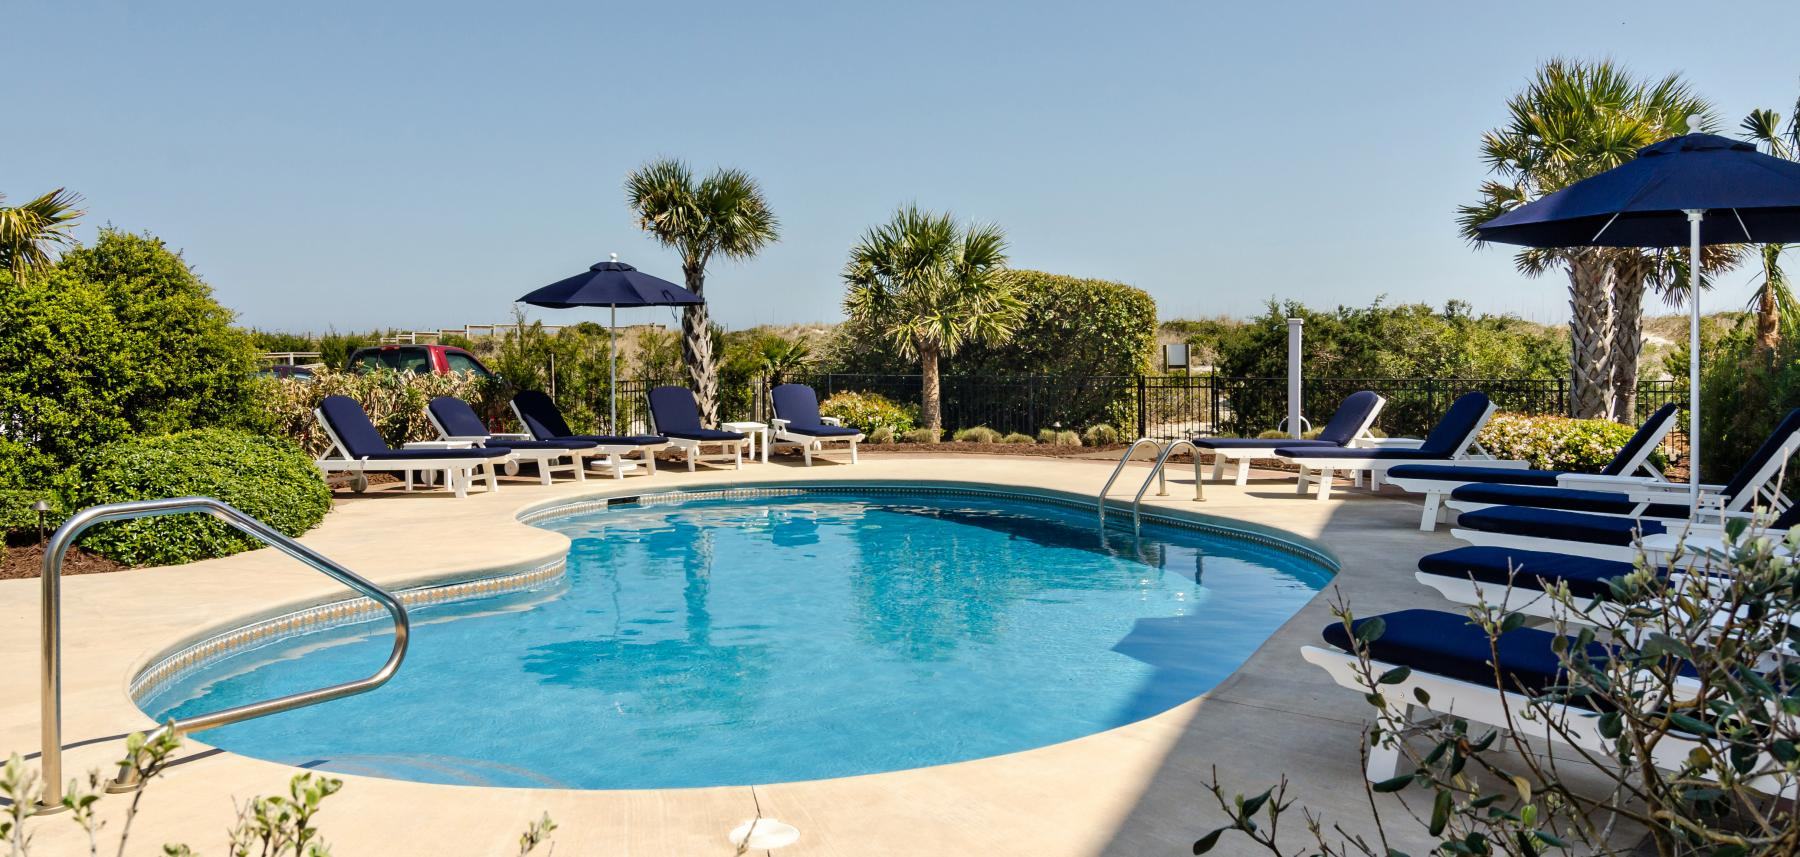 Pool at North Carolina vacation rental home